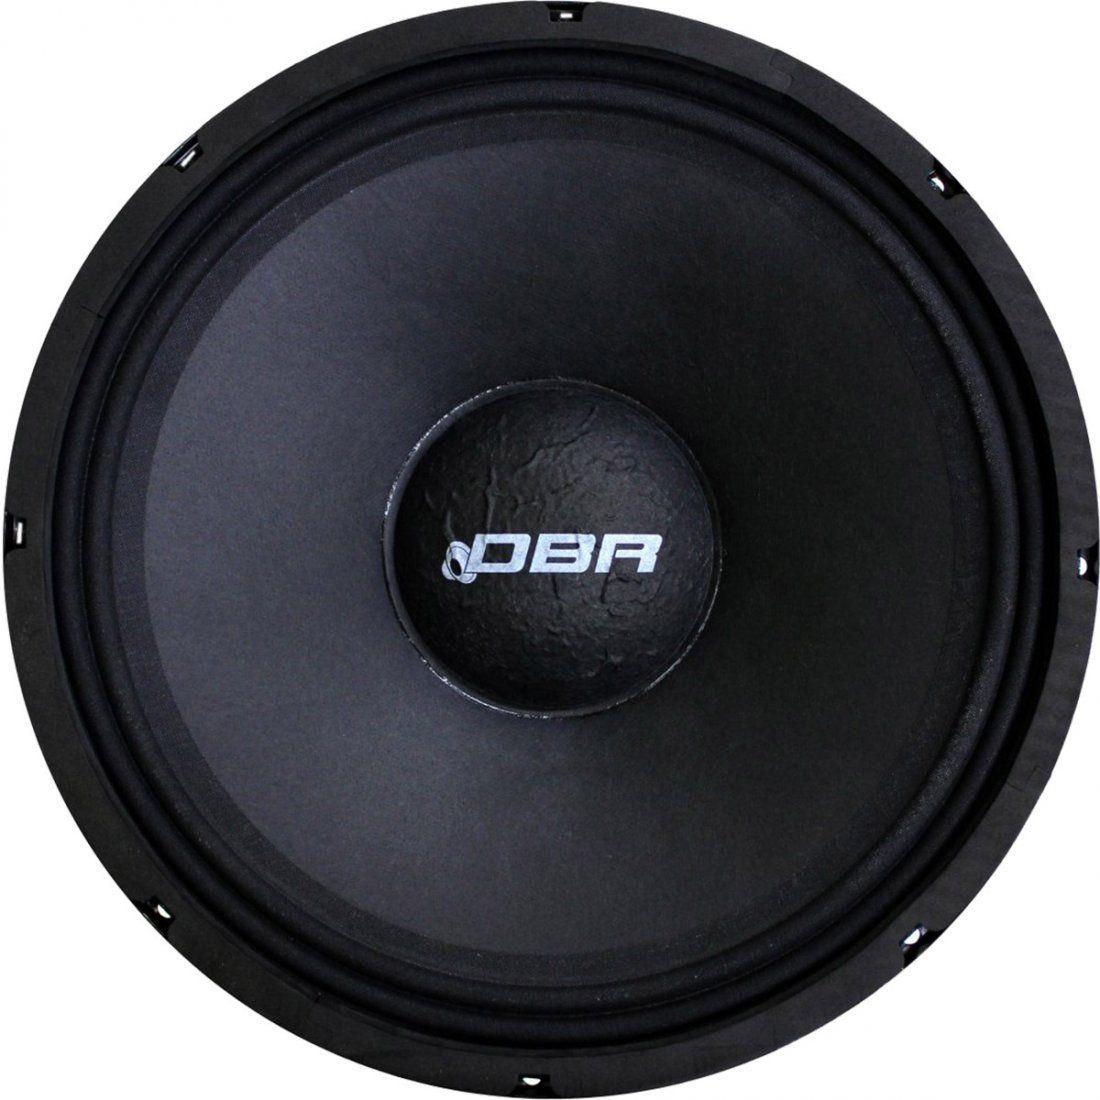 """Dbr PW15 Woofer Alto Falante Profissional de 15"""" com 500W de Potência Musical"""